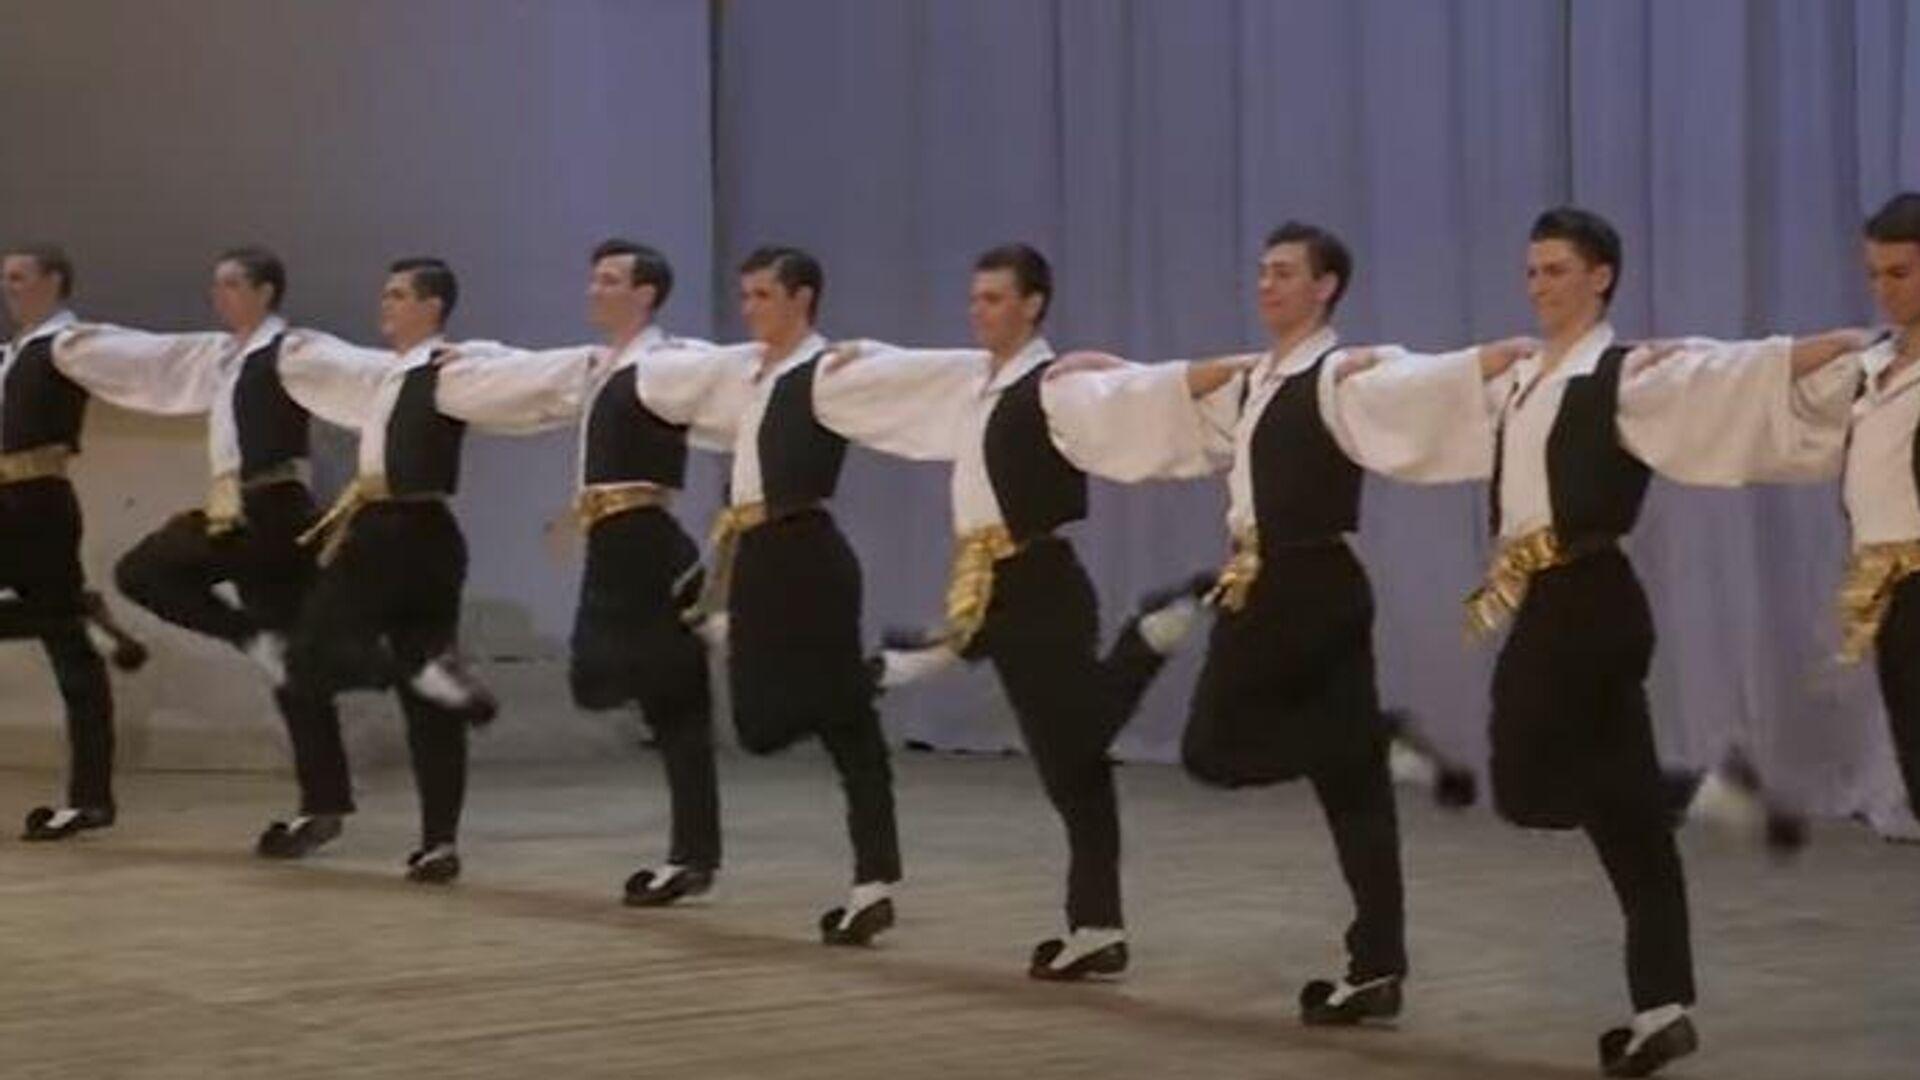 Διάσημο ρωσικό μπαλέτο χορεύει το Συρτάκι - Sputnik Ελλάδα, 1920, 06.09.2021